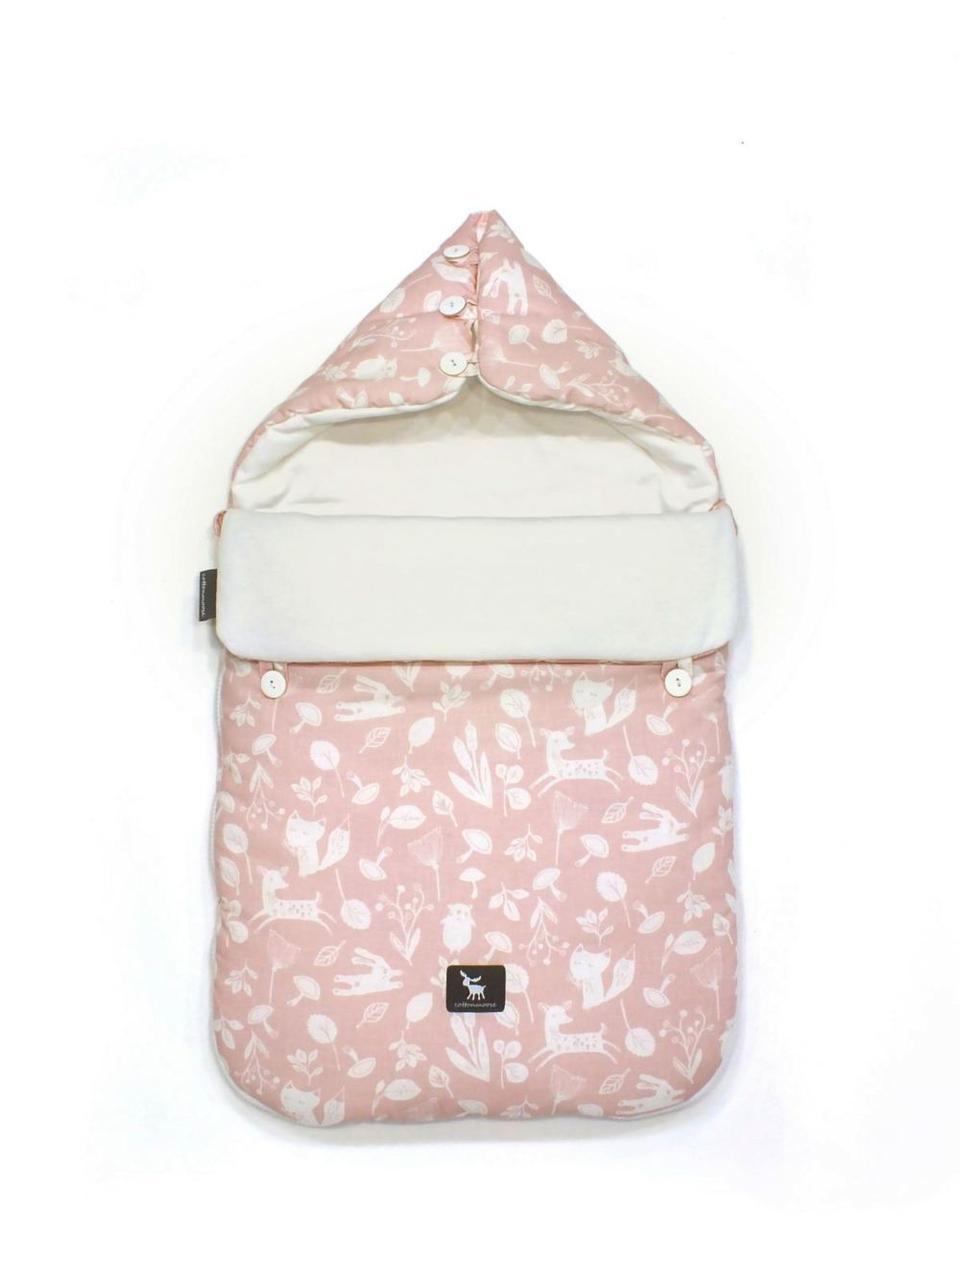 Универсальный конверт в коляску и автокресло Cottonmoose Pooh 330/129/51 forest pink cotton white cotton